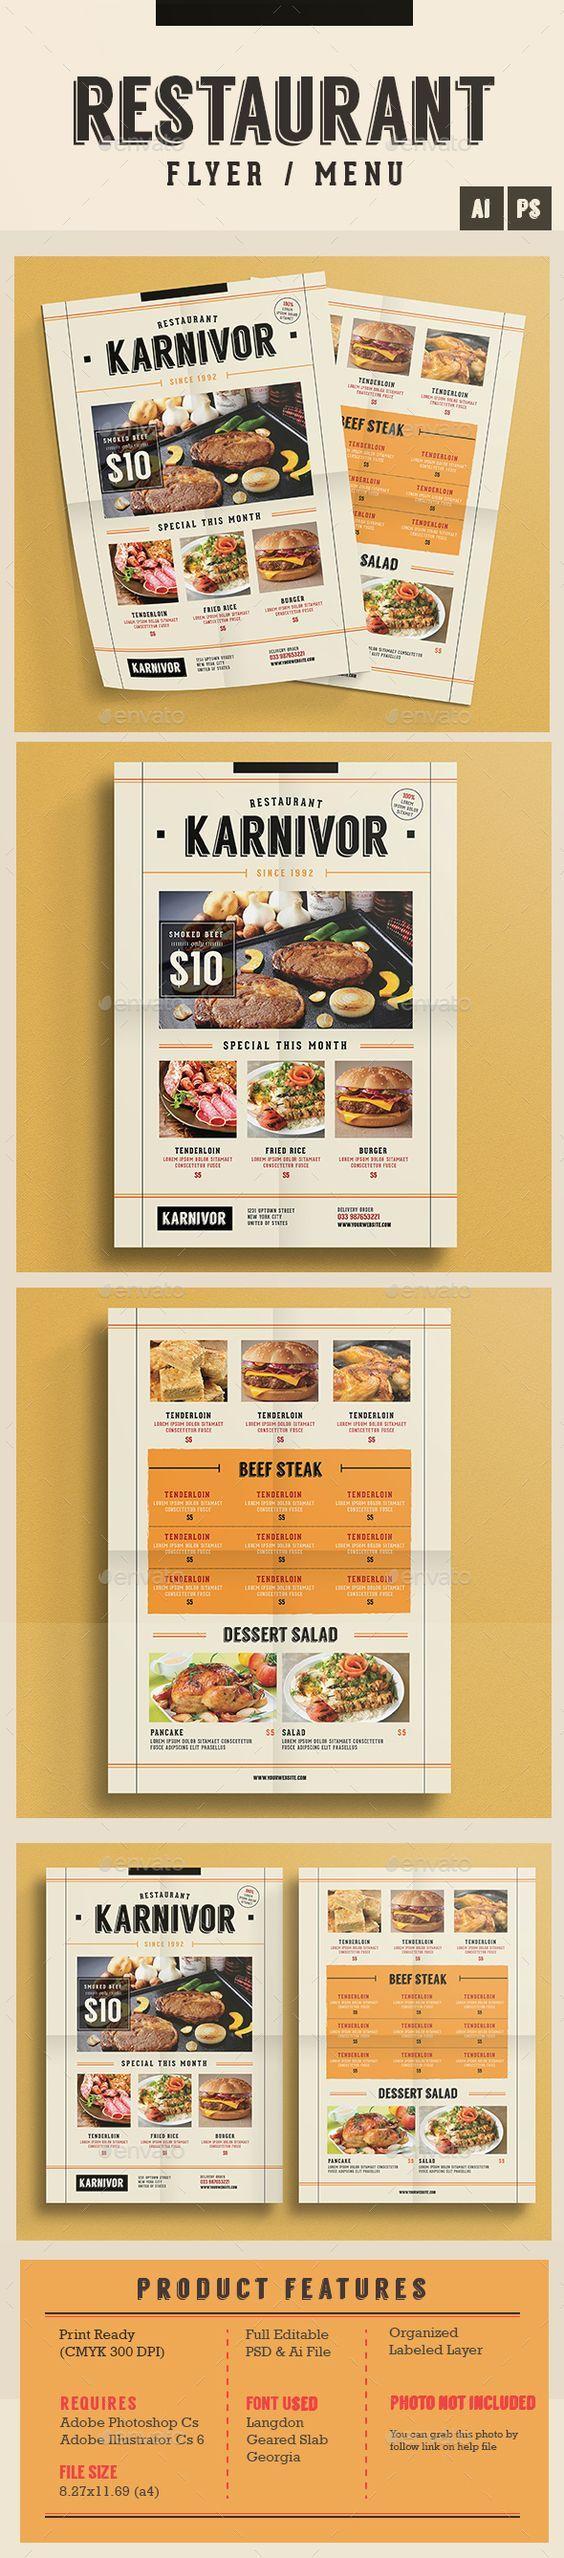 Restaurant Flyer Menu | Restaurante y Comida